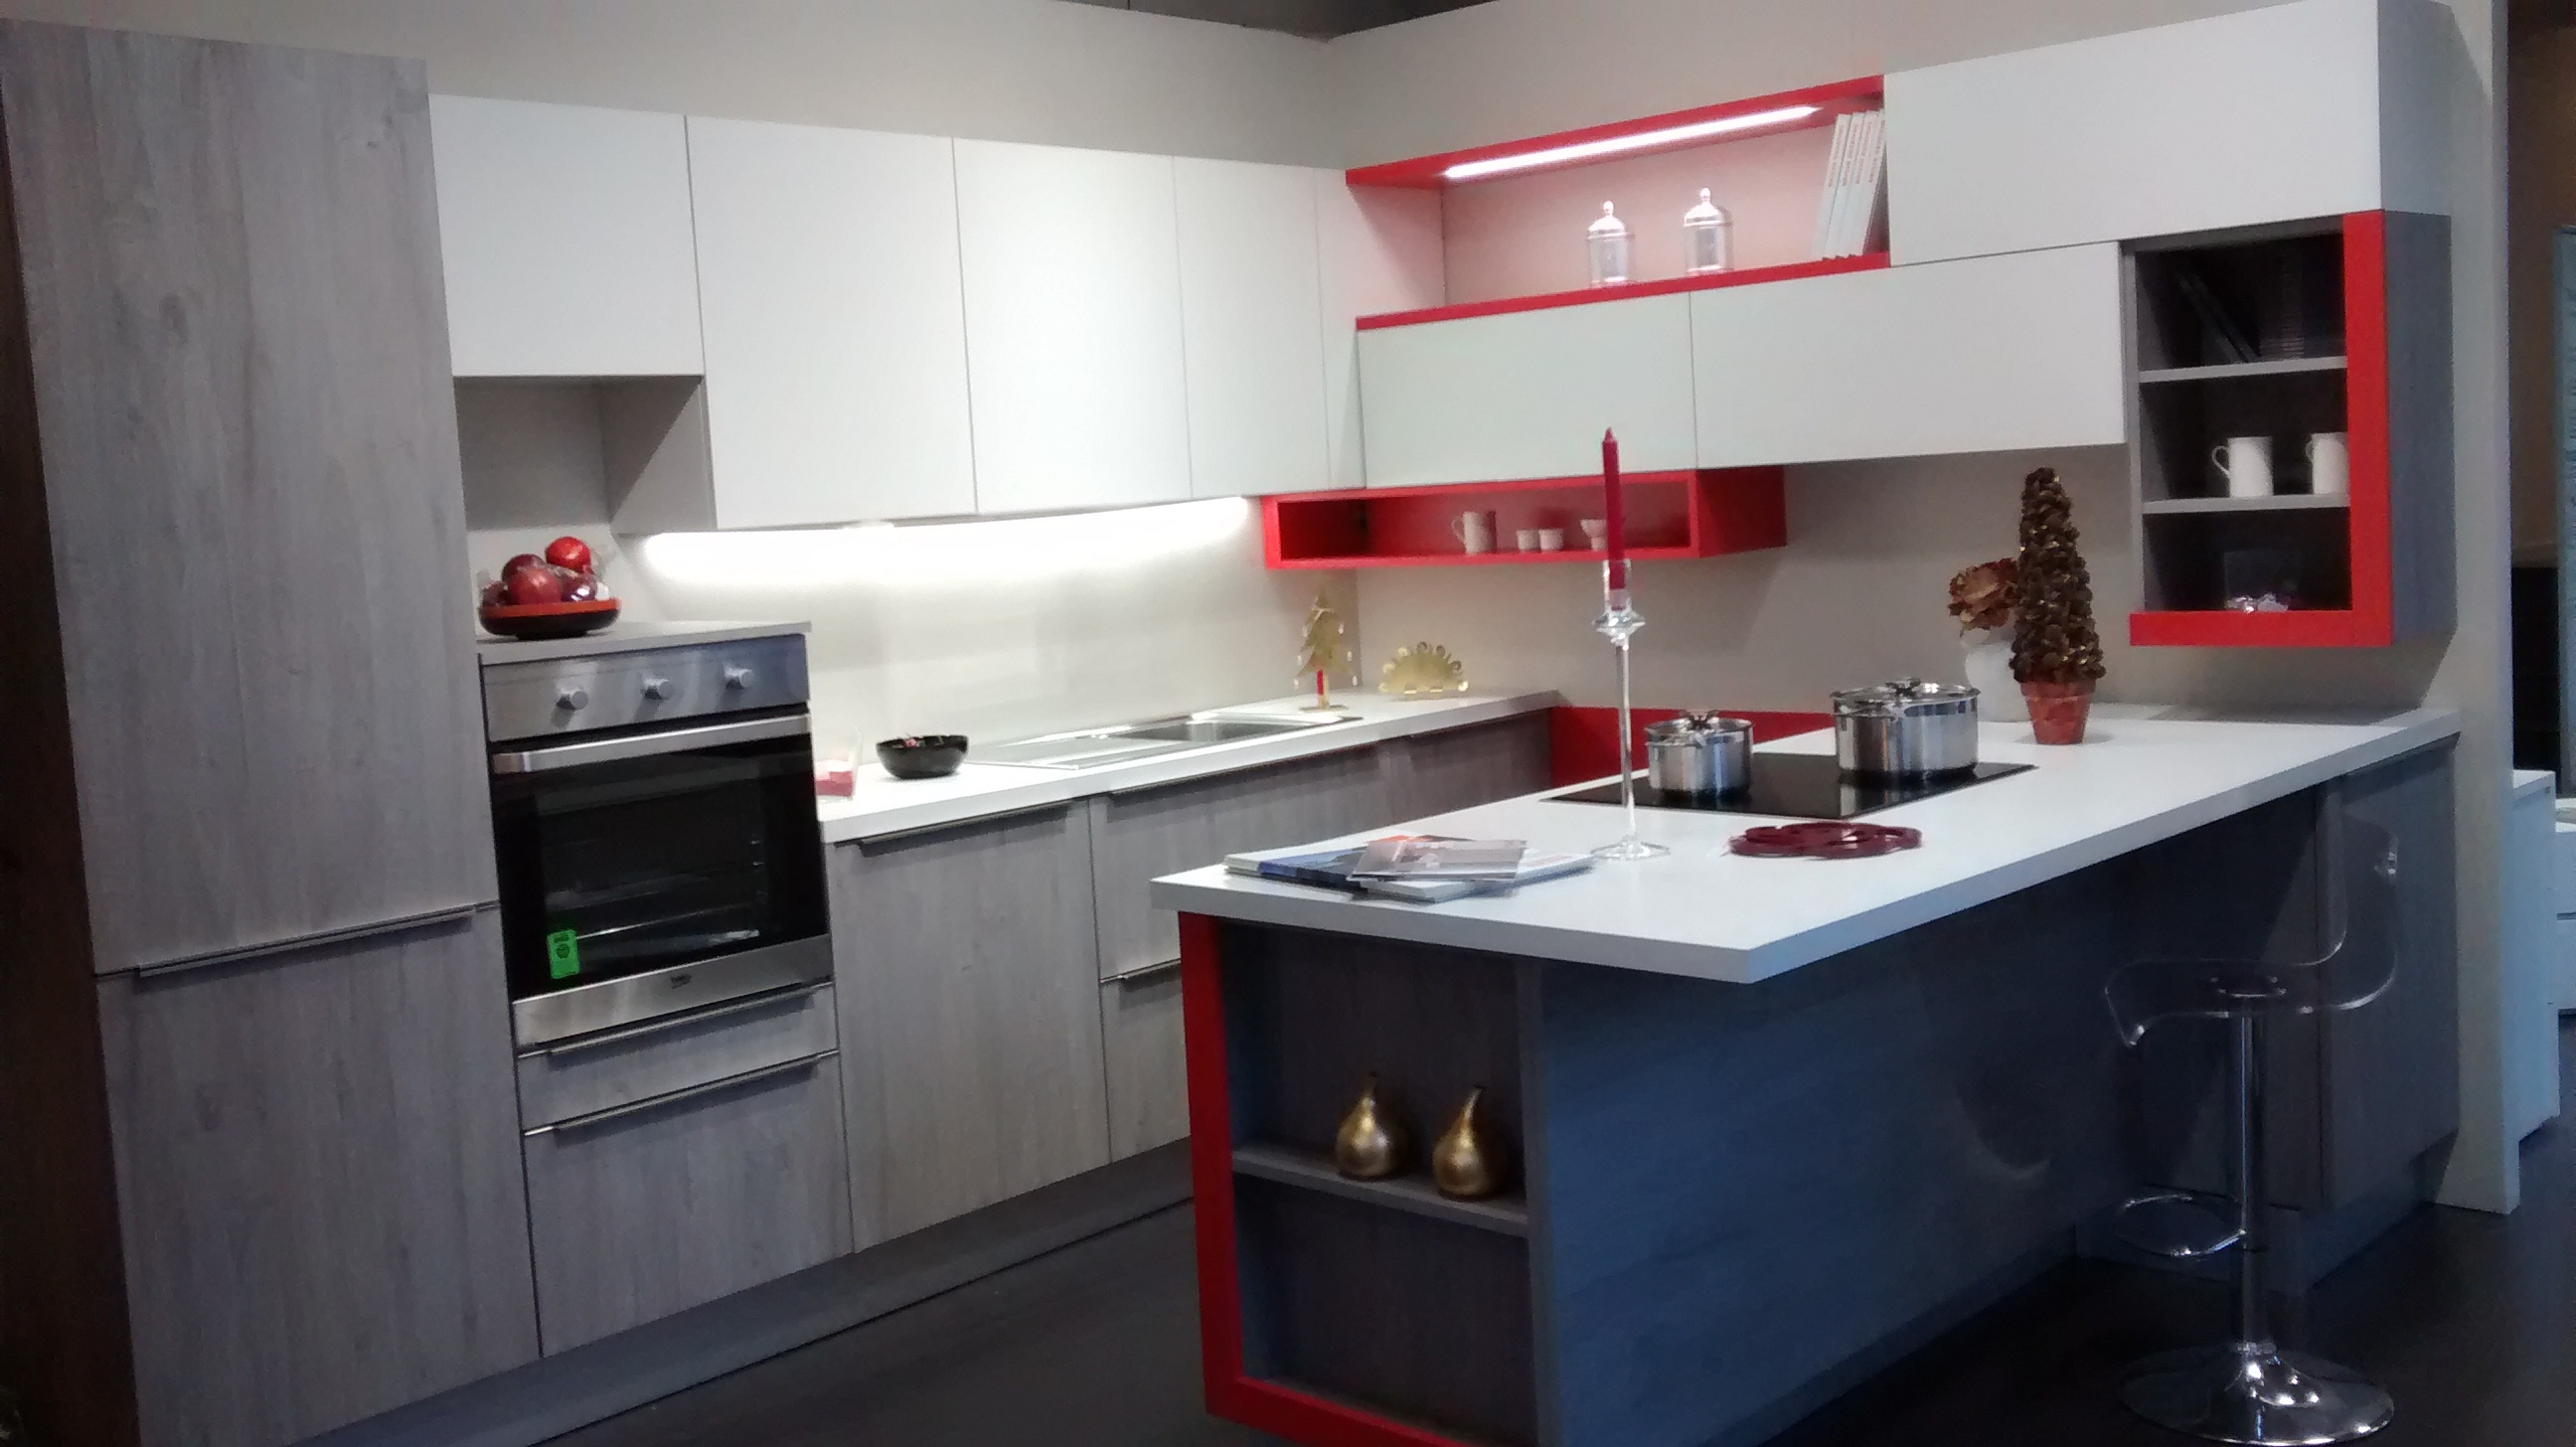 Cucina Snaidero Modello streep Moderna Laminato Materico grigio ...